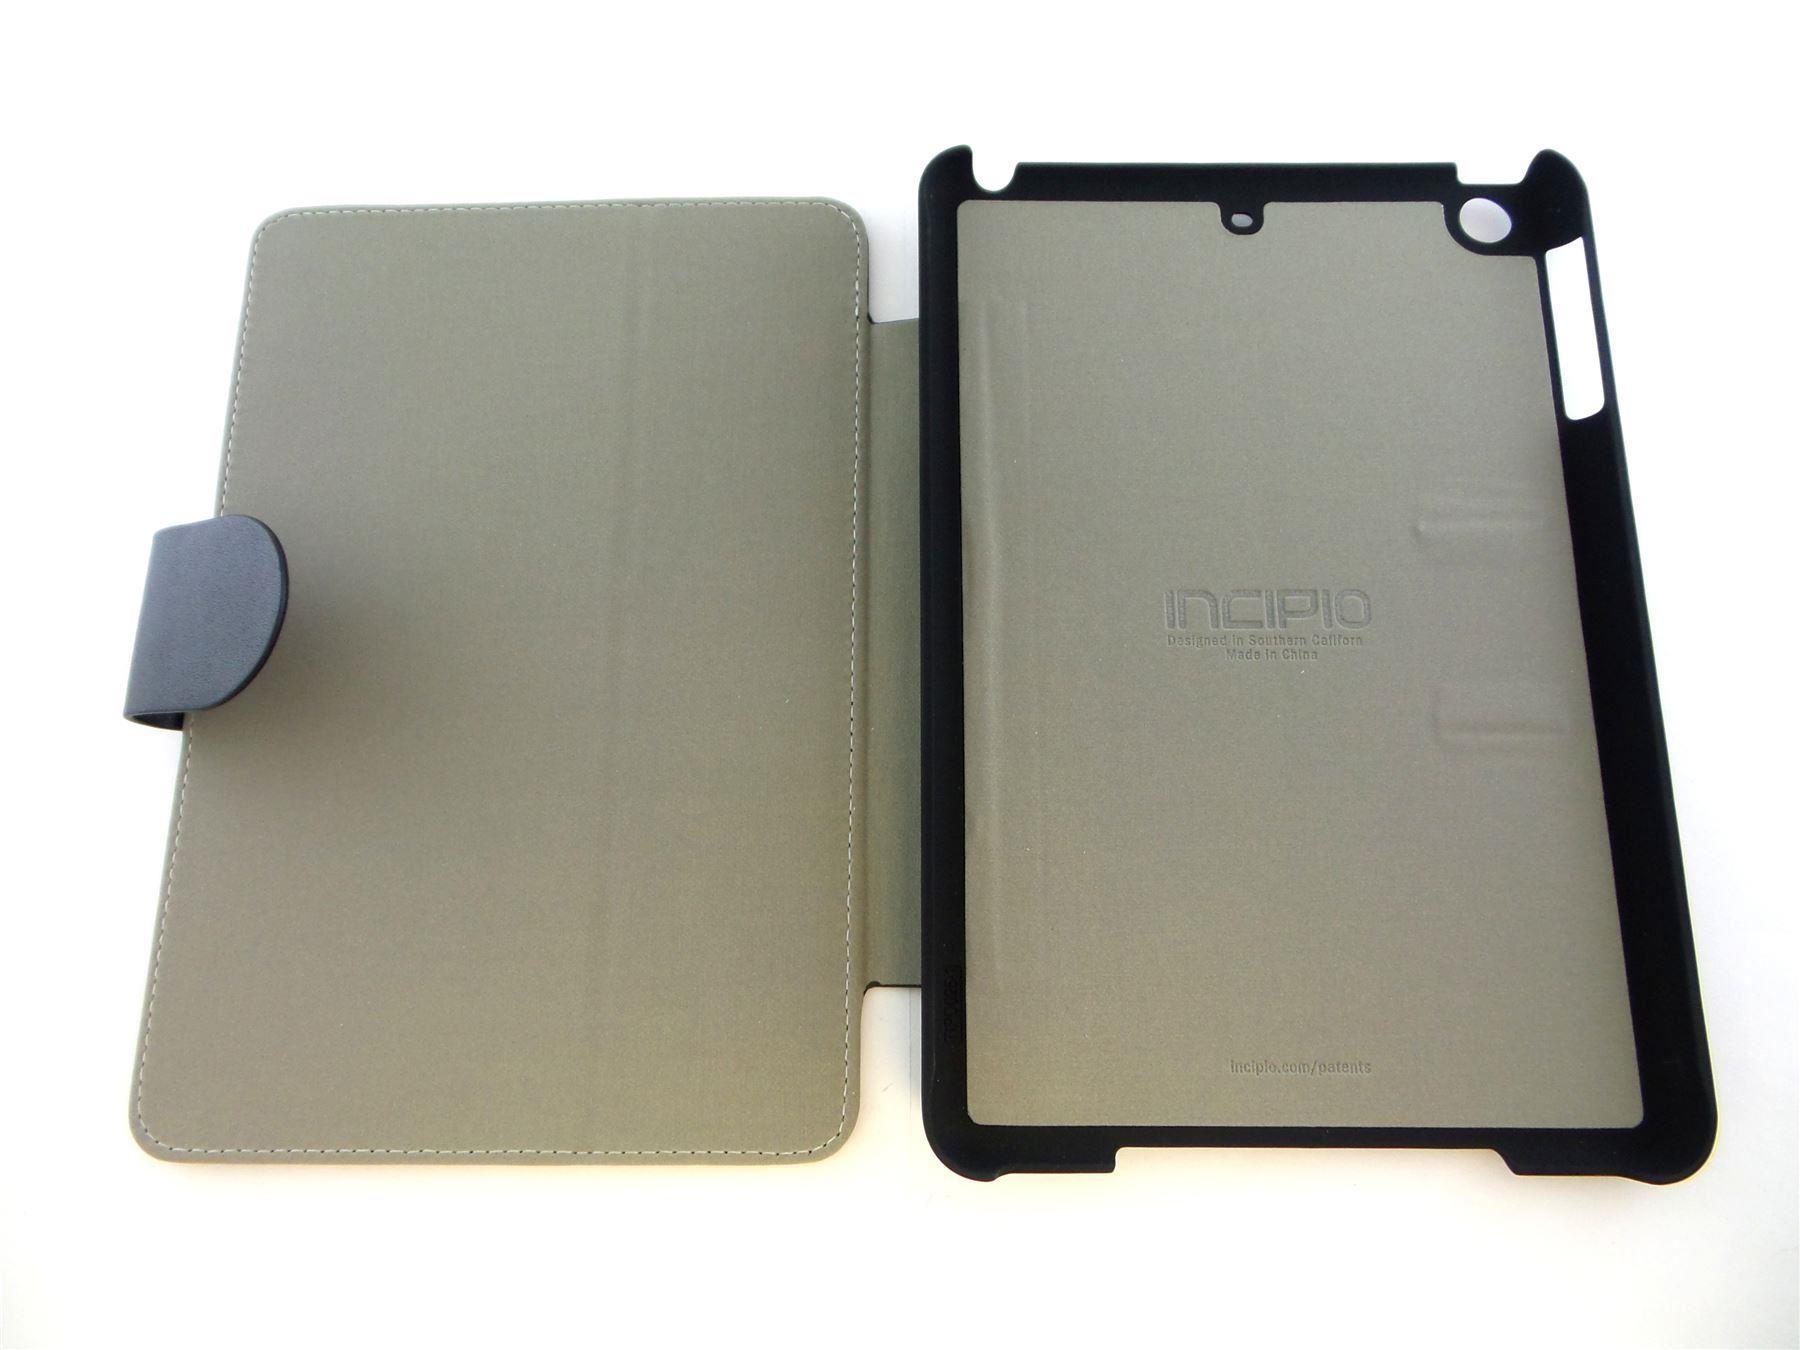 finest selection 95698 67d13 Details about Incipio Lexington Folio Case for Apple iPad mini 1/2/3 Black  IPD-294-BLK-V